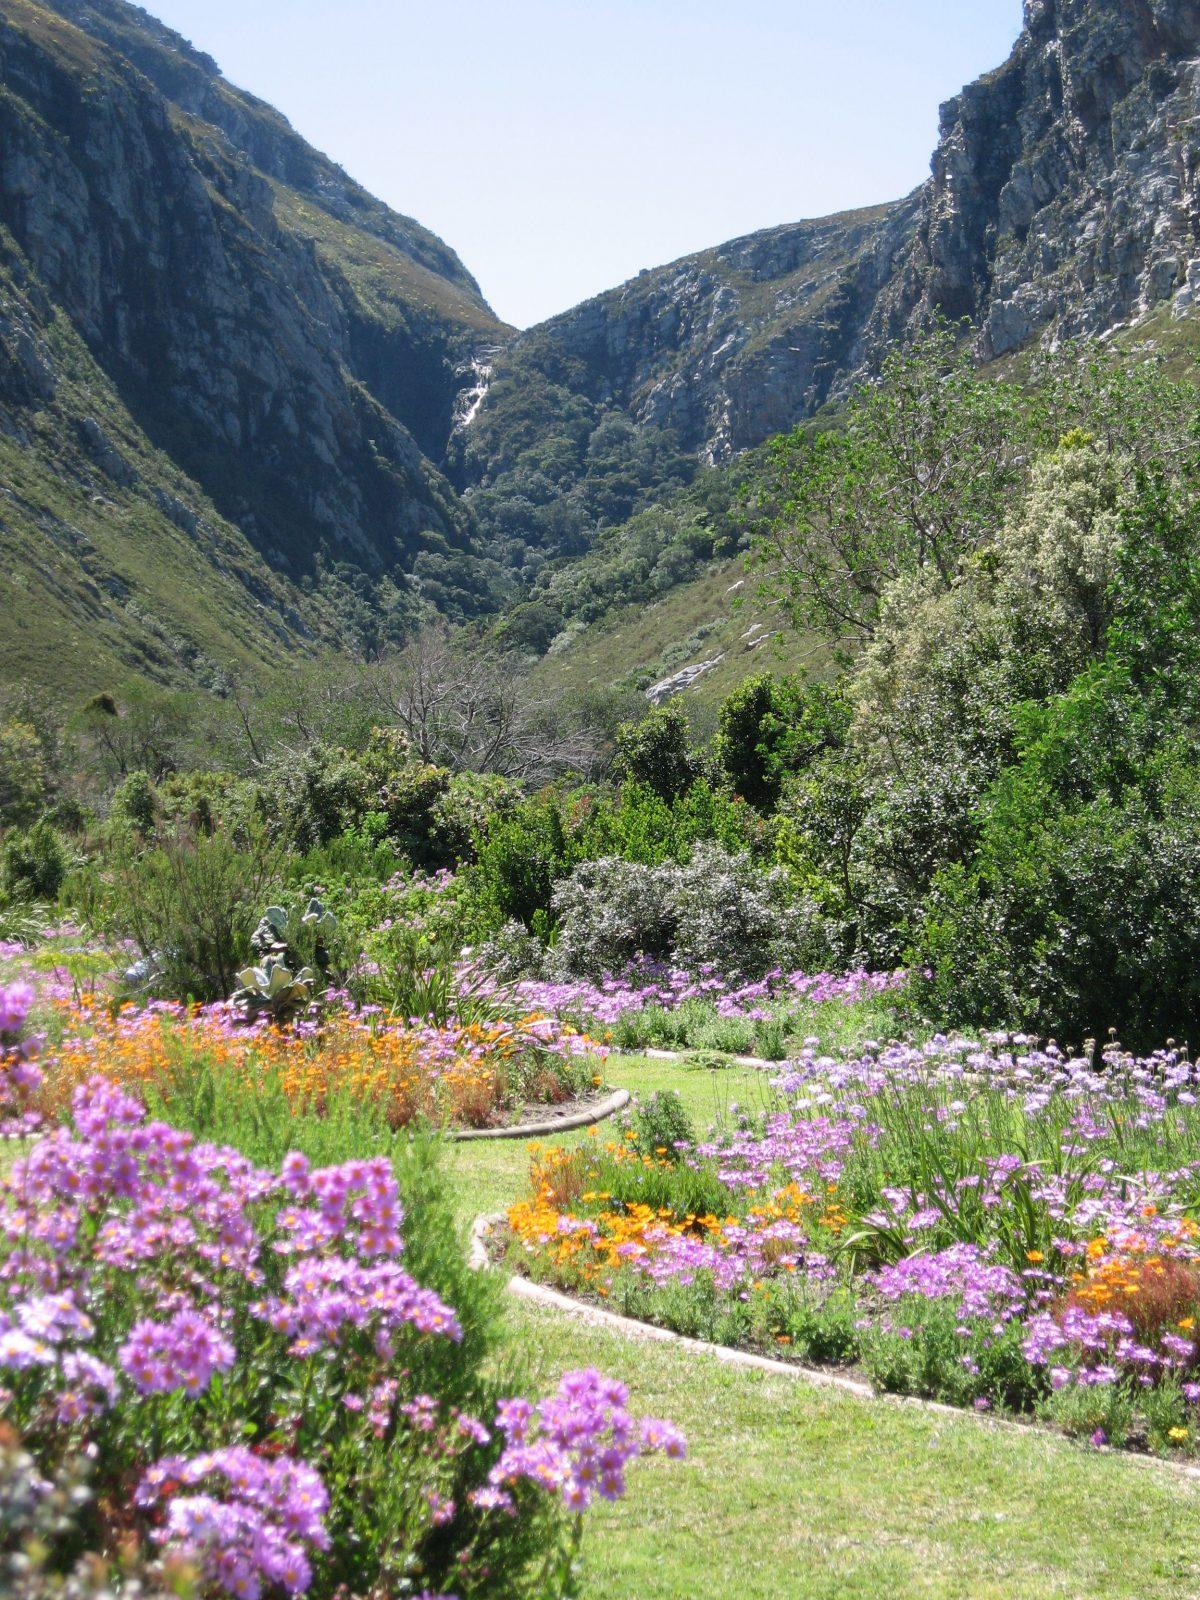 Harold Porter Botanical Gardens, South Africa Gardens, Nima Lodge, South Africa Tourism